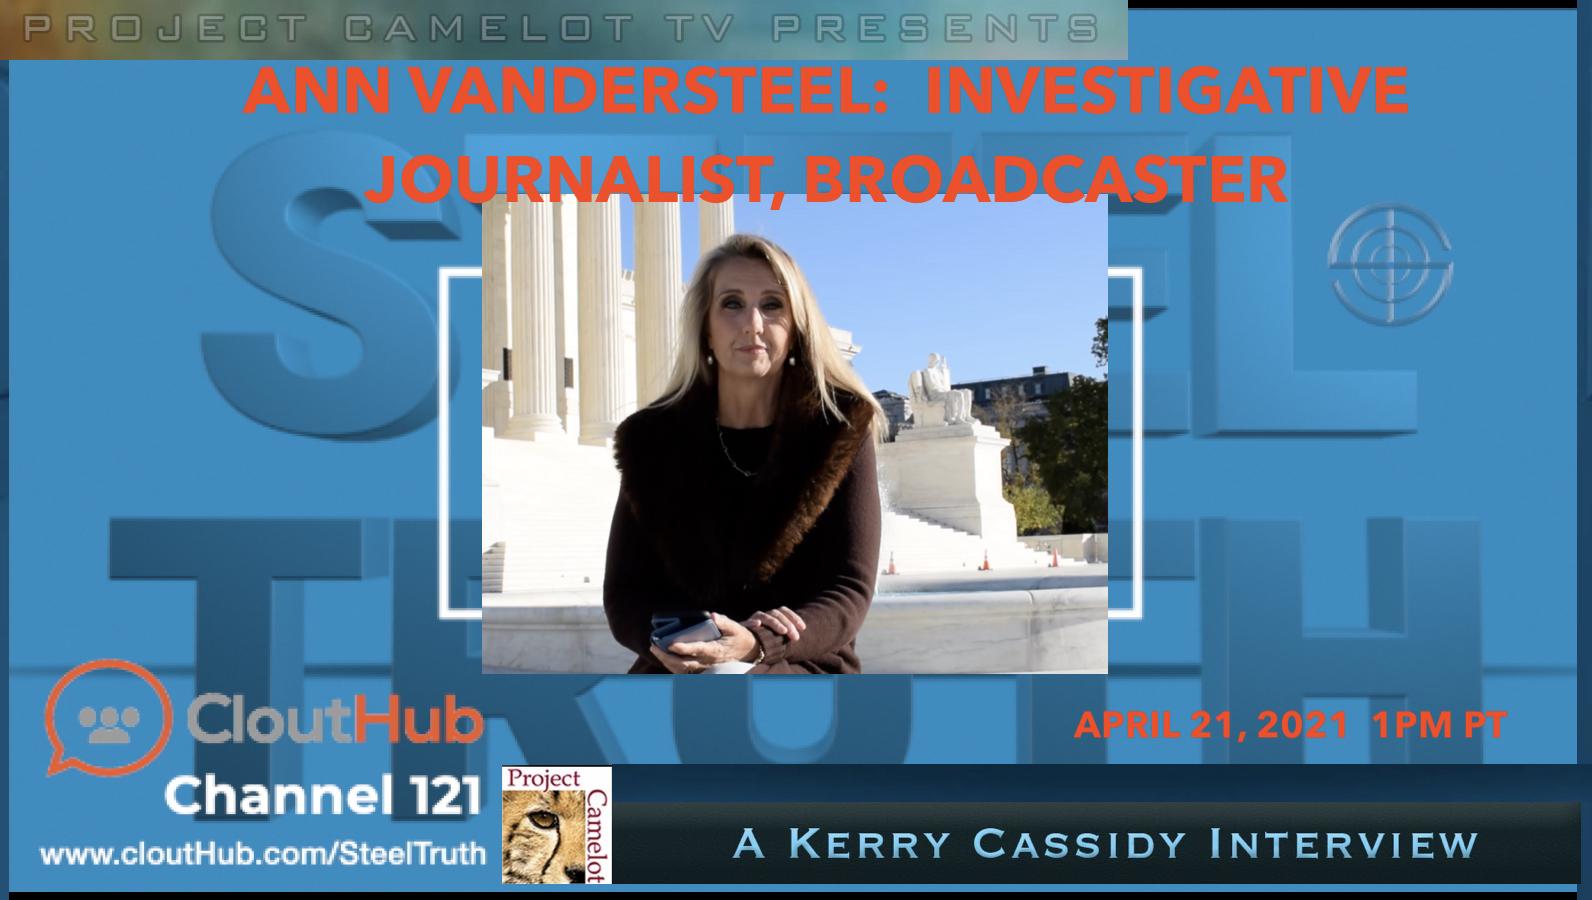 ANN VANDERSTEEL:  INVESTIGATIVE JOURNALIST – INTERVIEW